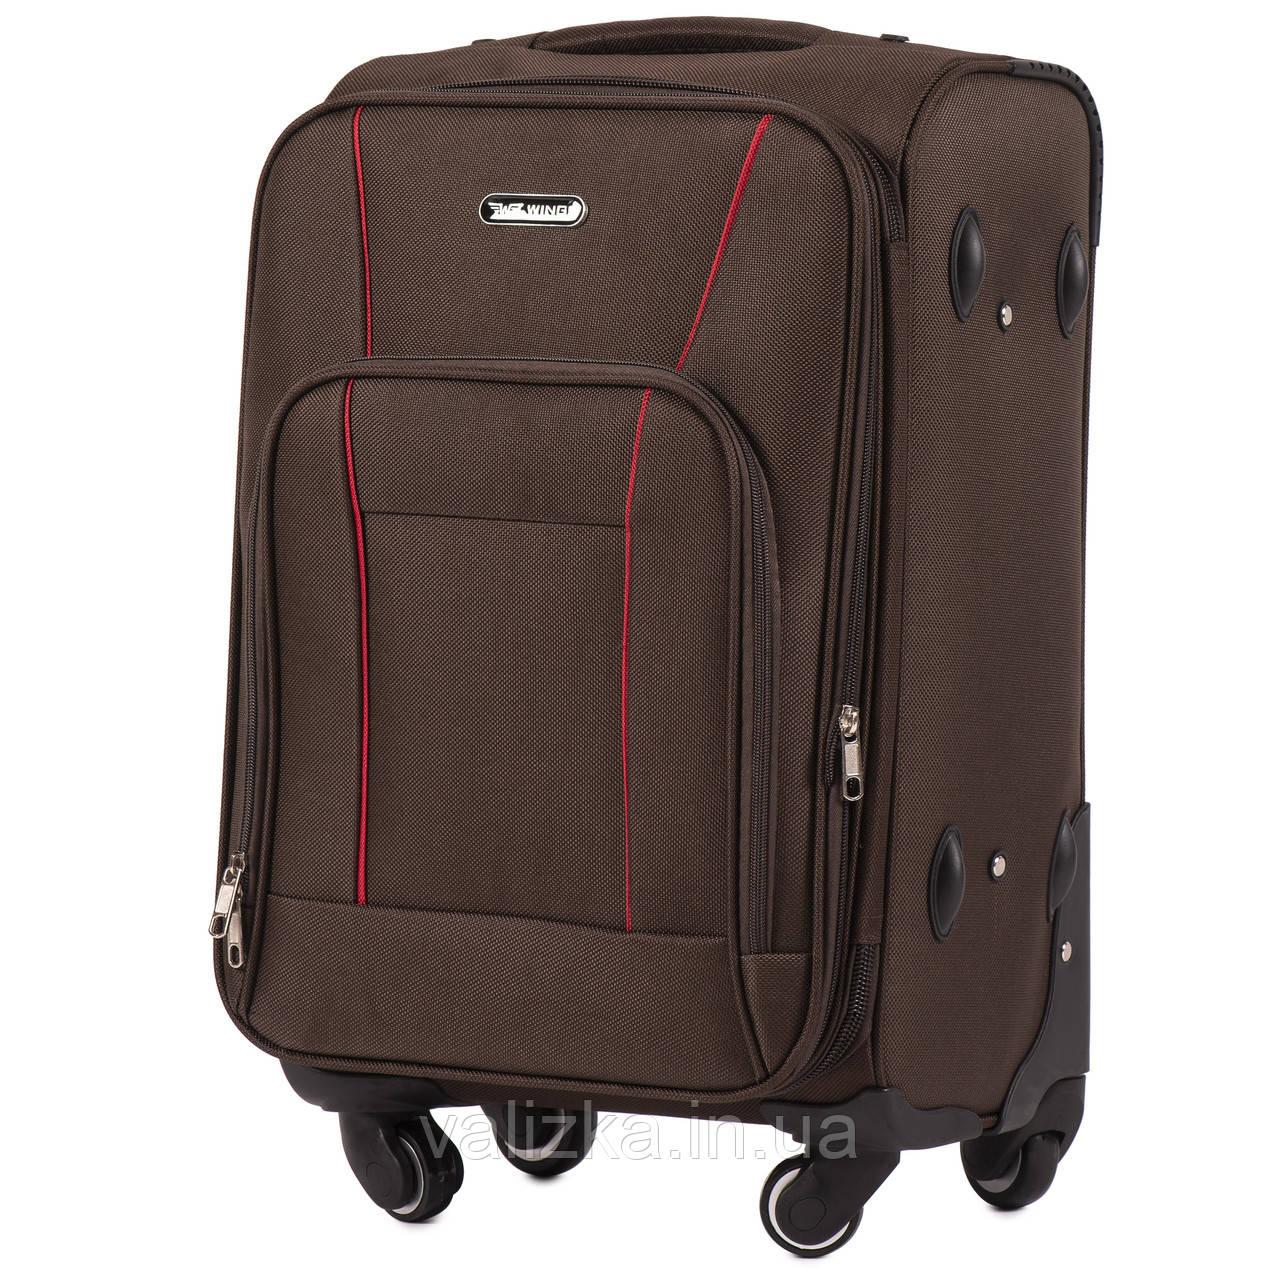 Маленький текстильный чемодан на 4-х колесах для ручной клади с расширителем кофейный Польша